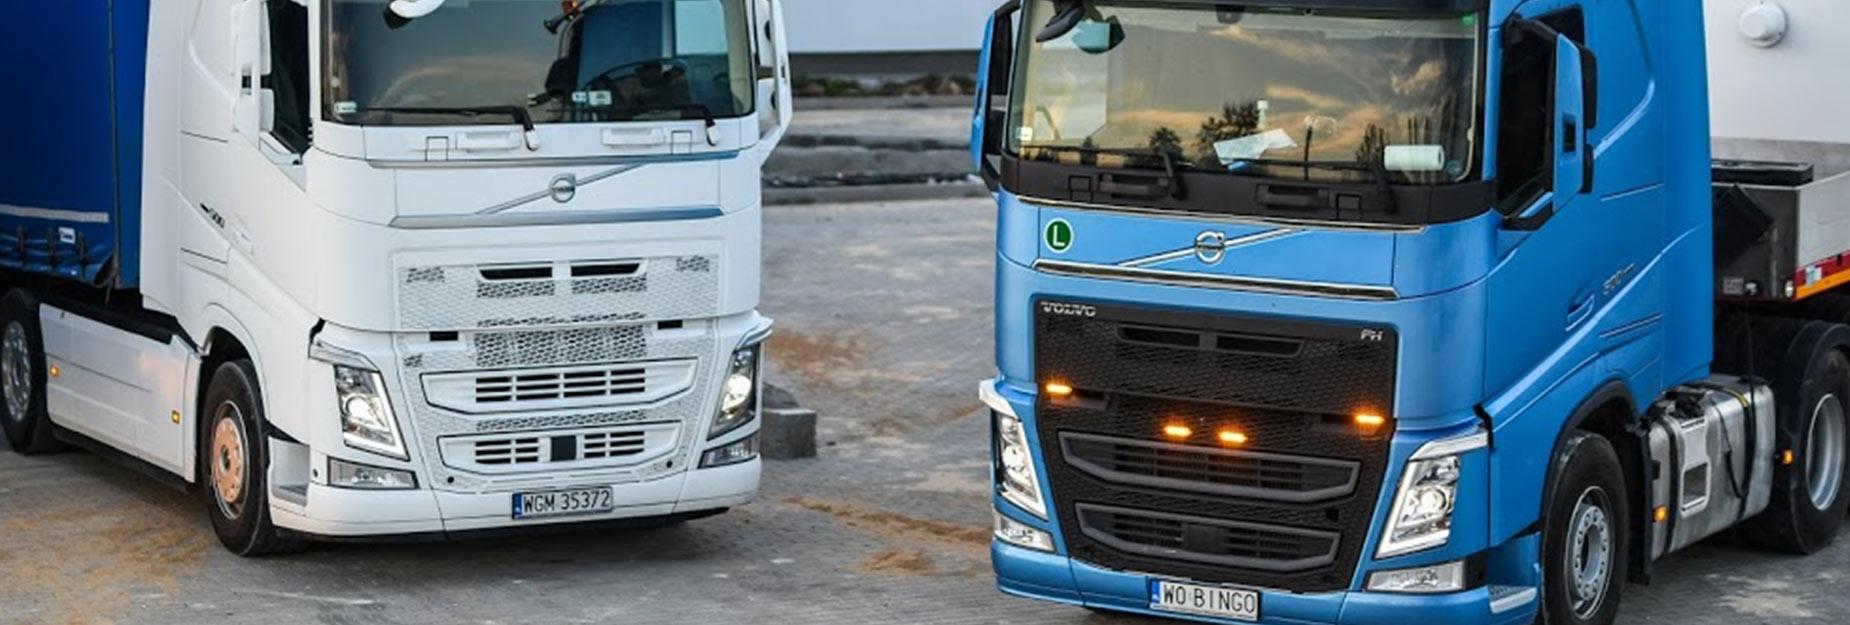 Krajowy transport drogowy